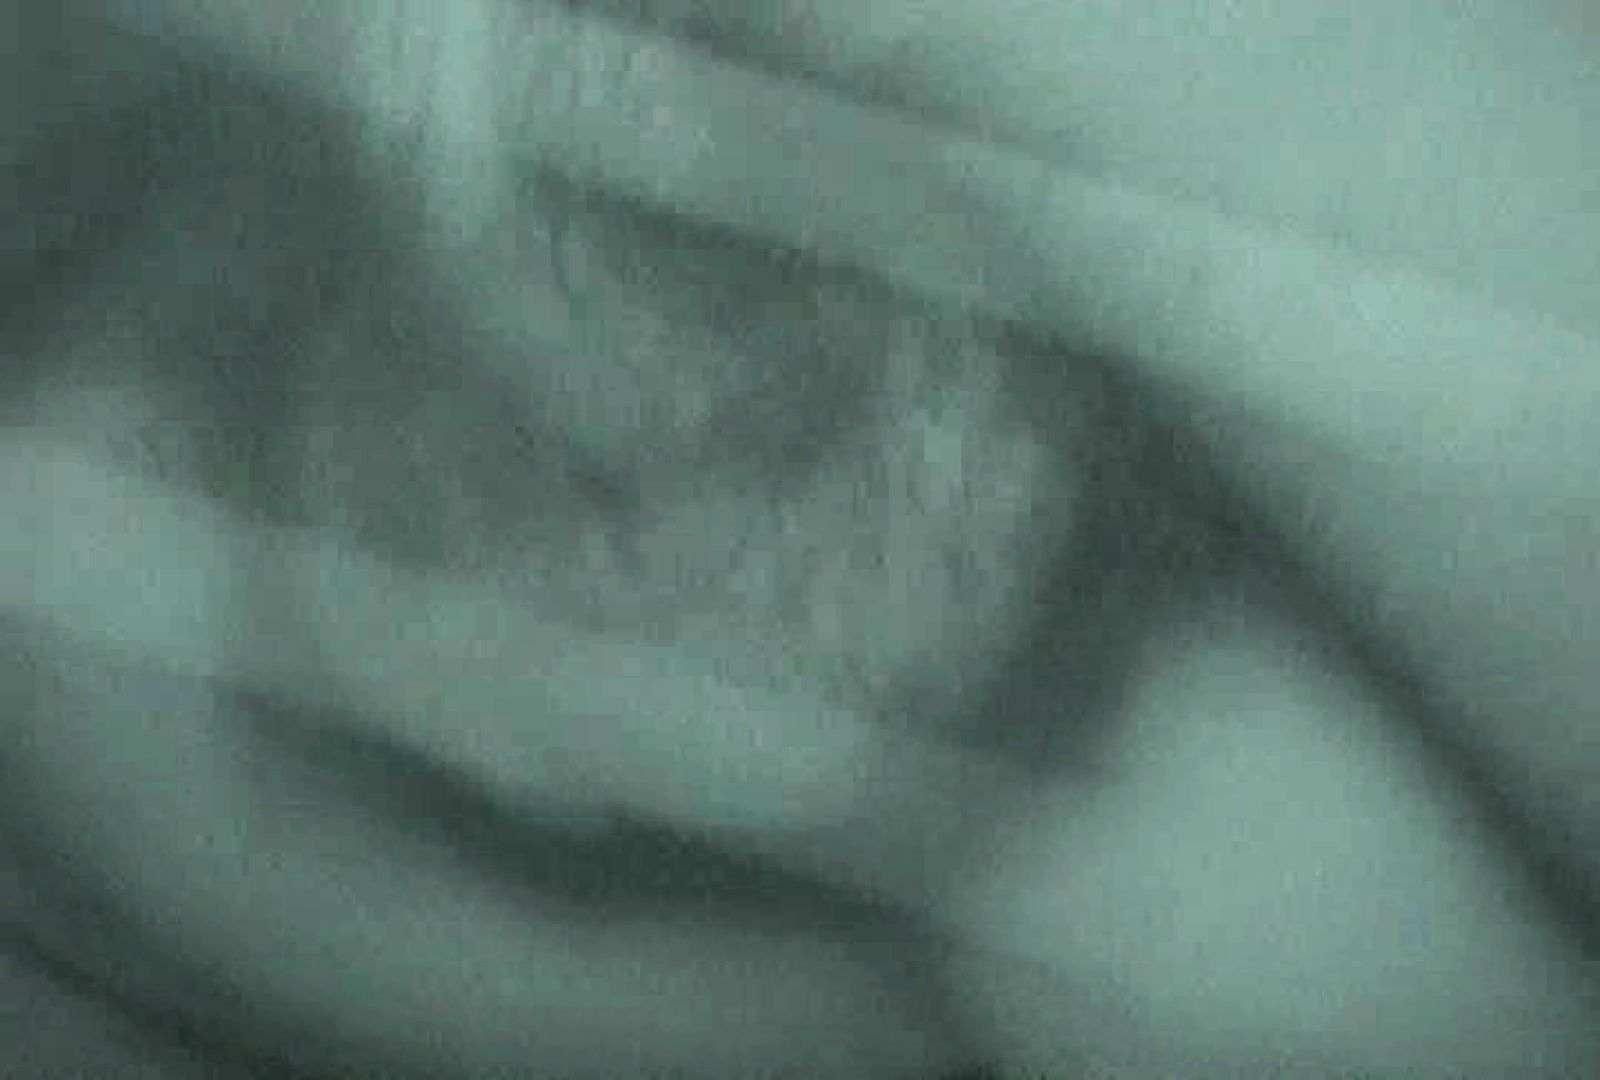 充血監督の深夜の運動会Vol.91 素人エロ投稿 | OLセックス  102画像 28